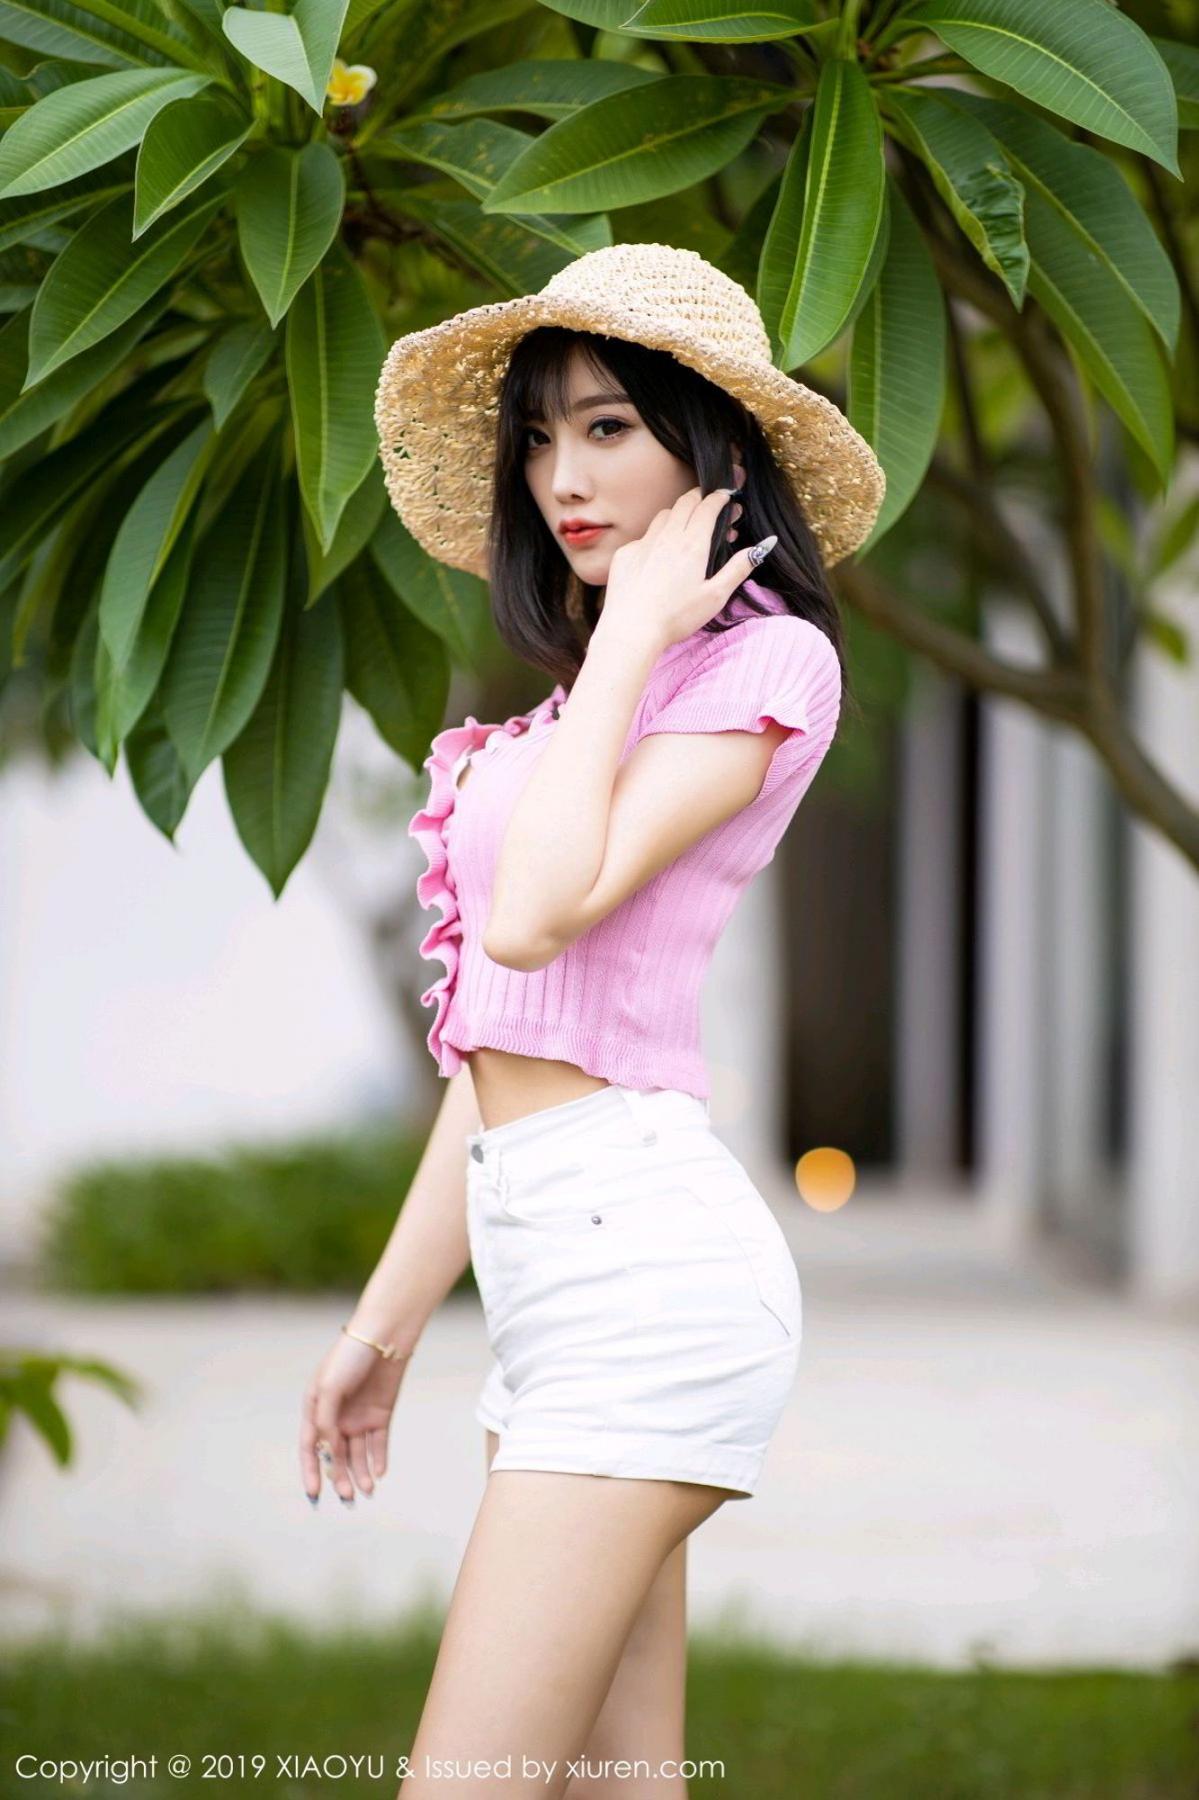 [XiaoYu] Vol.169 Yang Chen Chen 3P, Outdoor, Underwear, XiaoYu, Yang Chen Chen